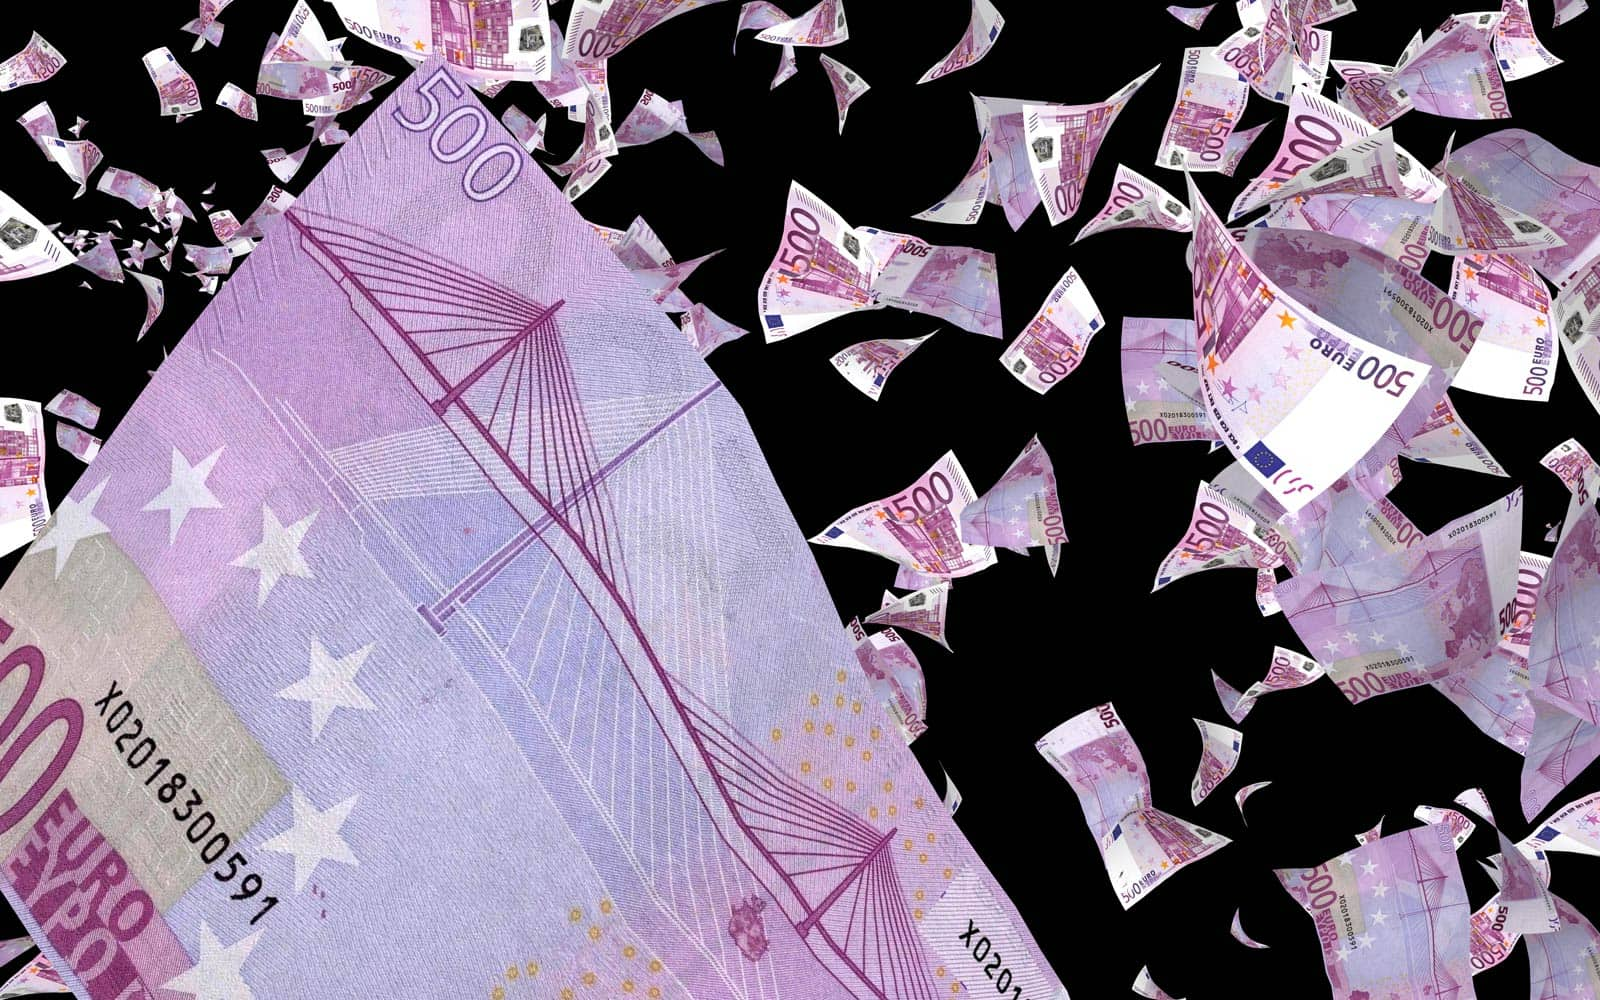 Mini kredit zagrebačke banke